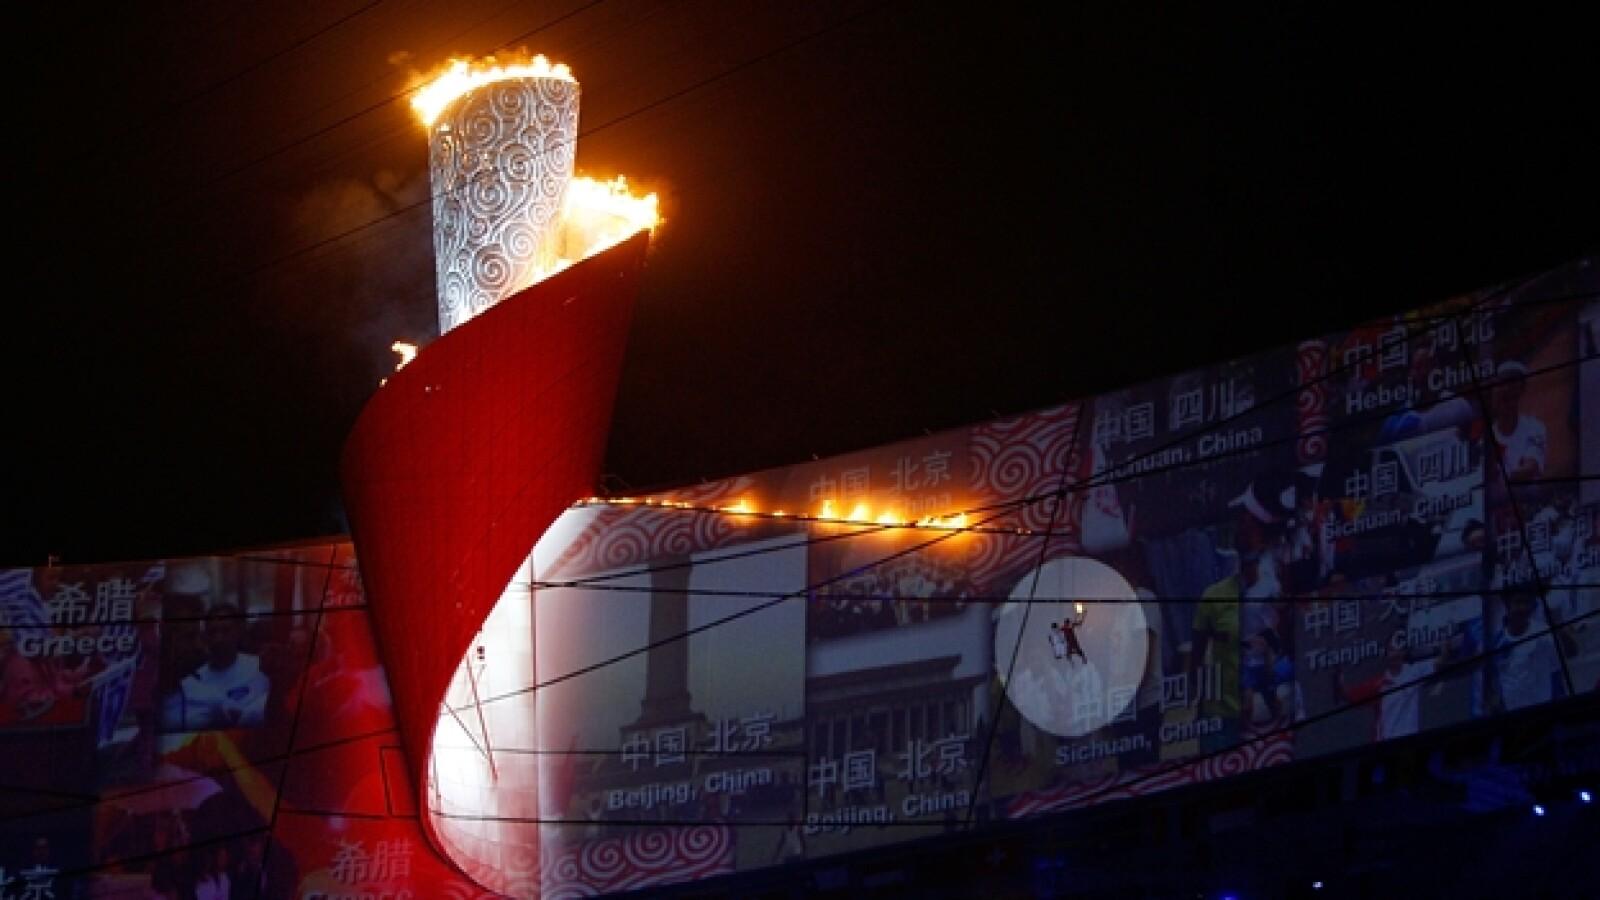 Juegos, Beiging, olimpicos, 2008